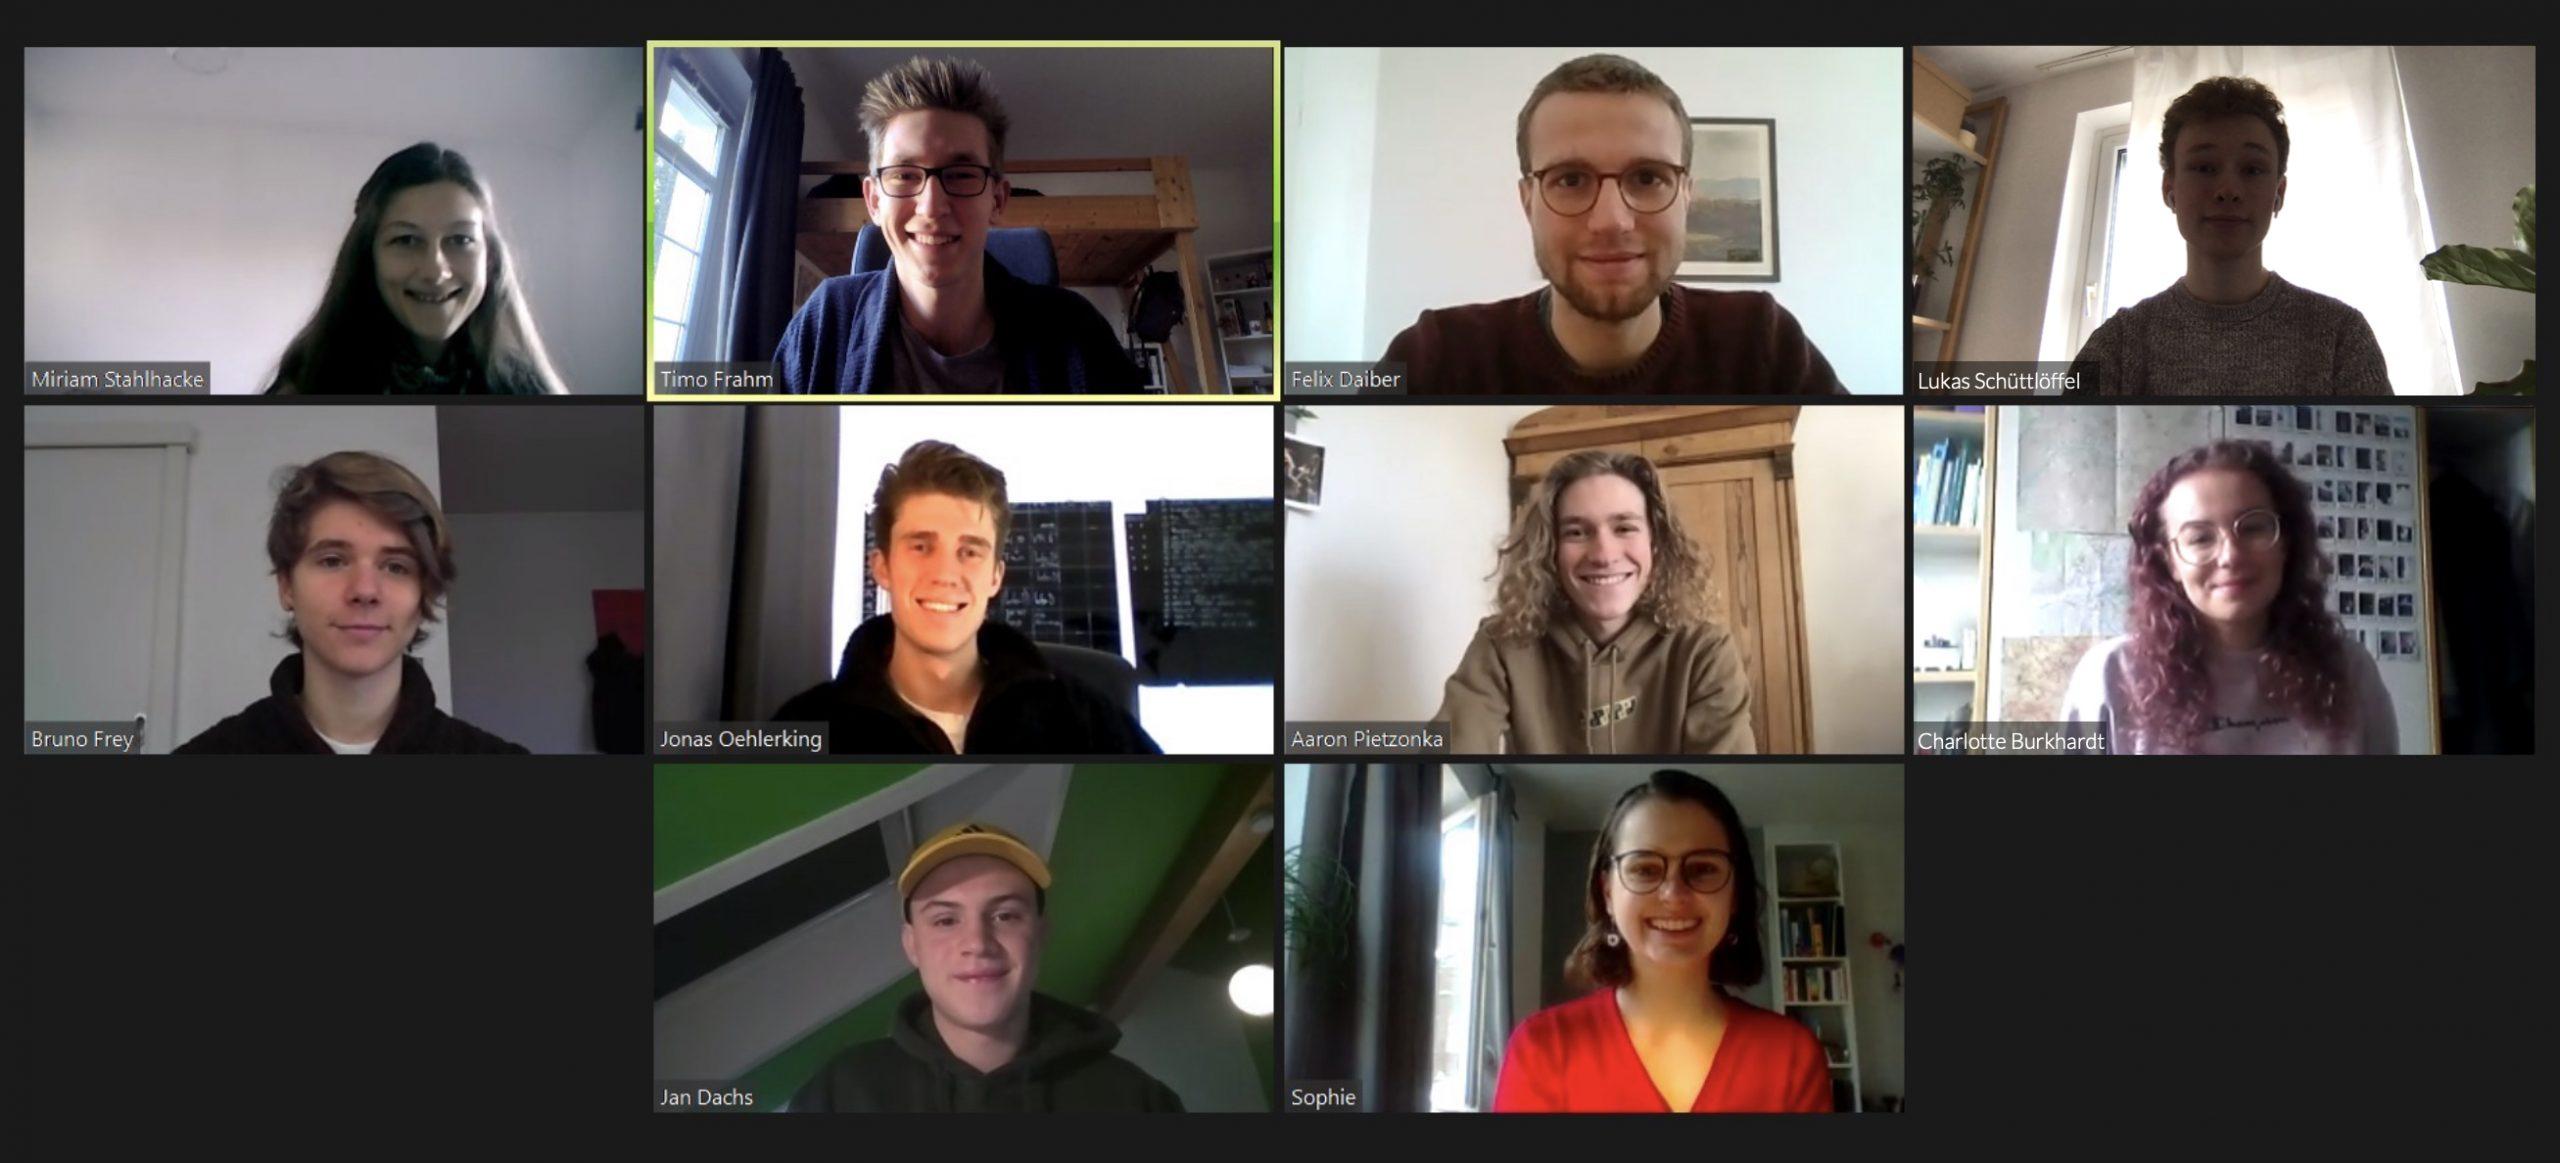 Screenshot einer Vorstands-Zoomkonferenz